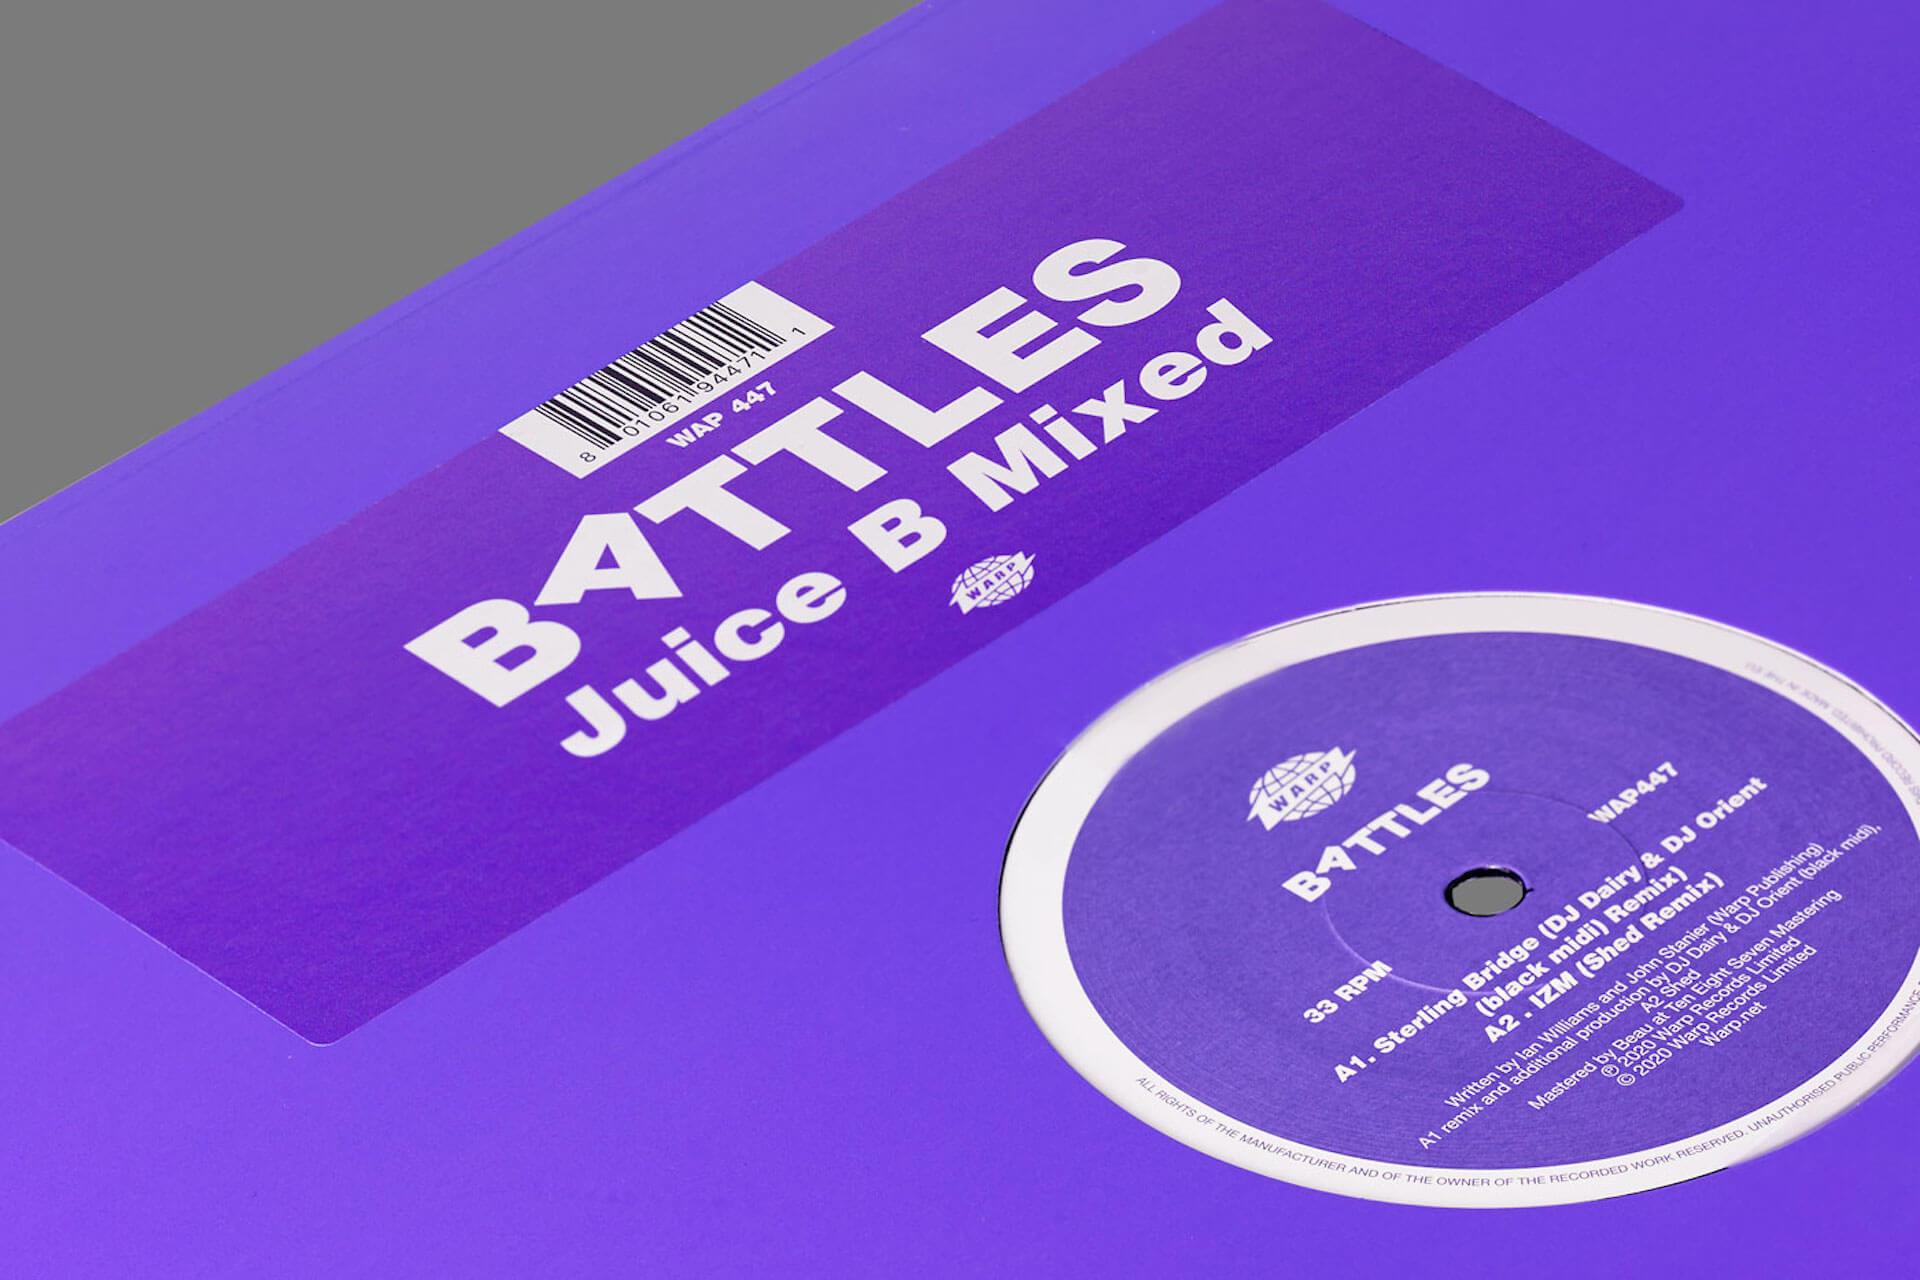 """Battles最新作『Juice B Crypts』のリミックスEP『Juice B Mixed』にblack midi、Shedら参加決定!black midiによるリミックス曲""""Stirling Bridge""""が先行解禁 music201007_battles_5"""